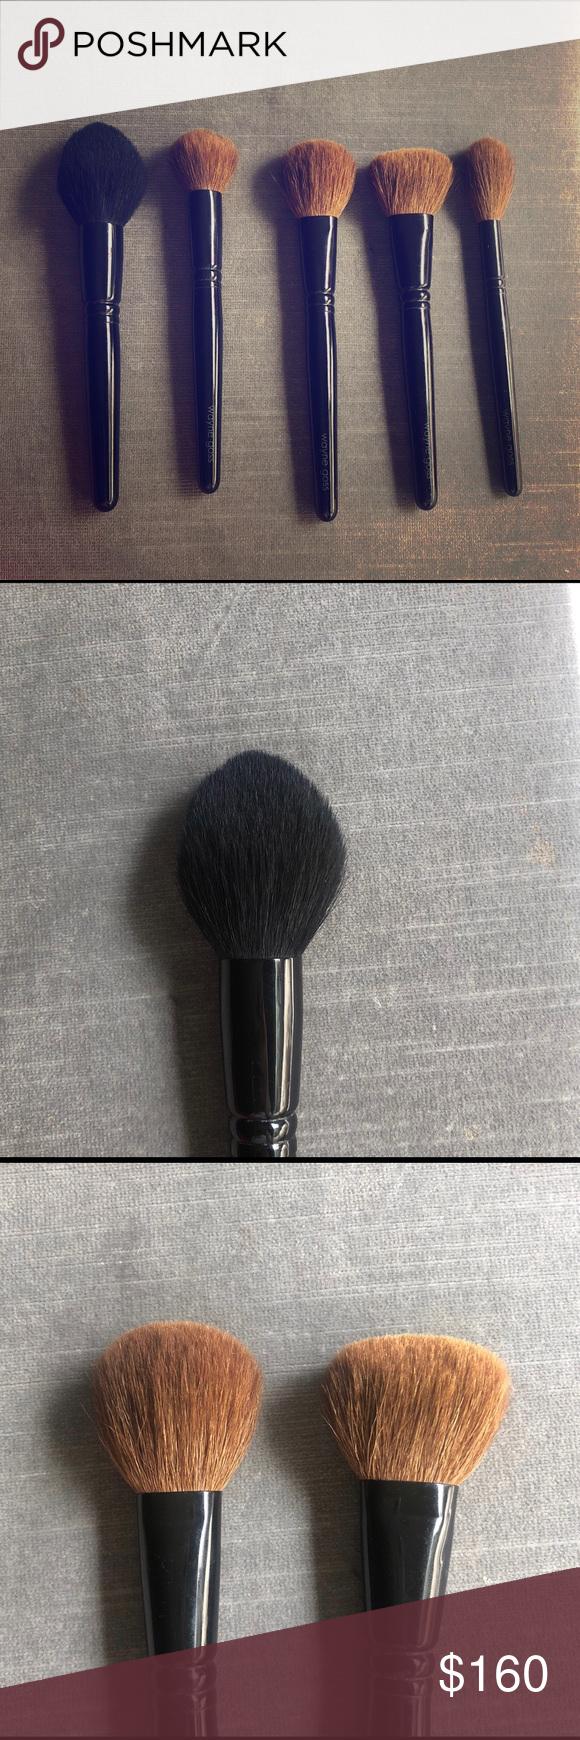 Wayne Goss Face brushes Set Of 5 Includes brushes 11,12